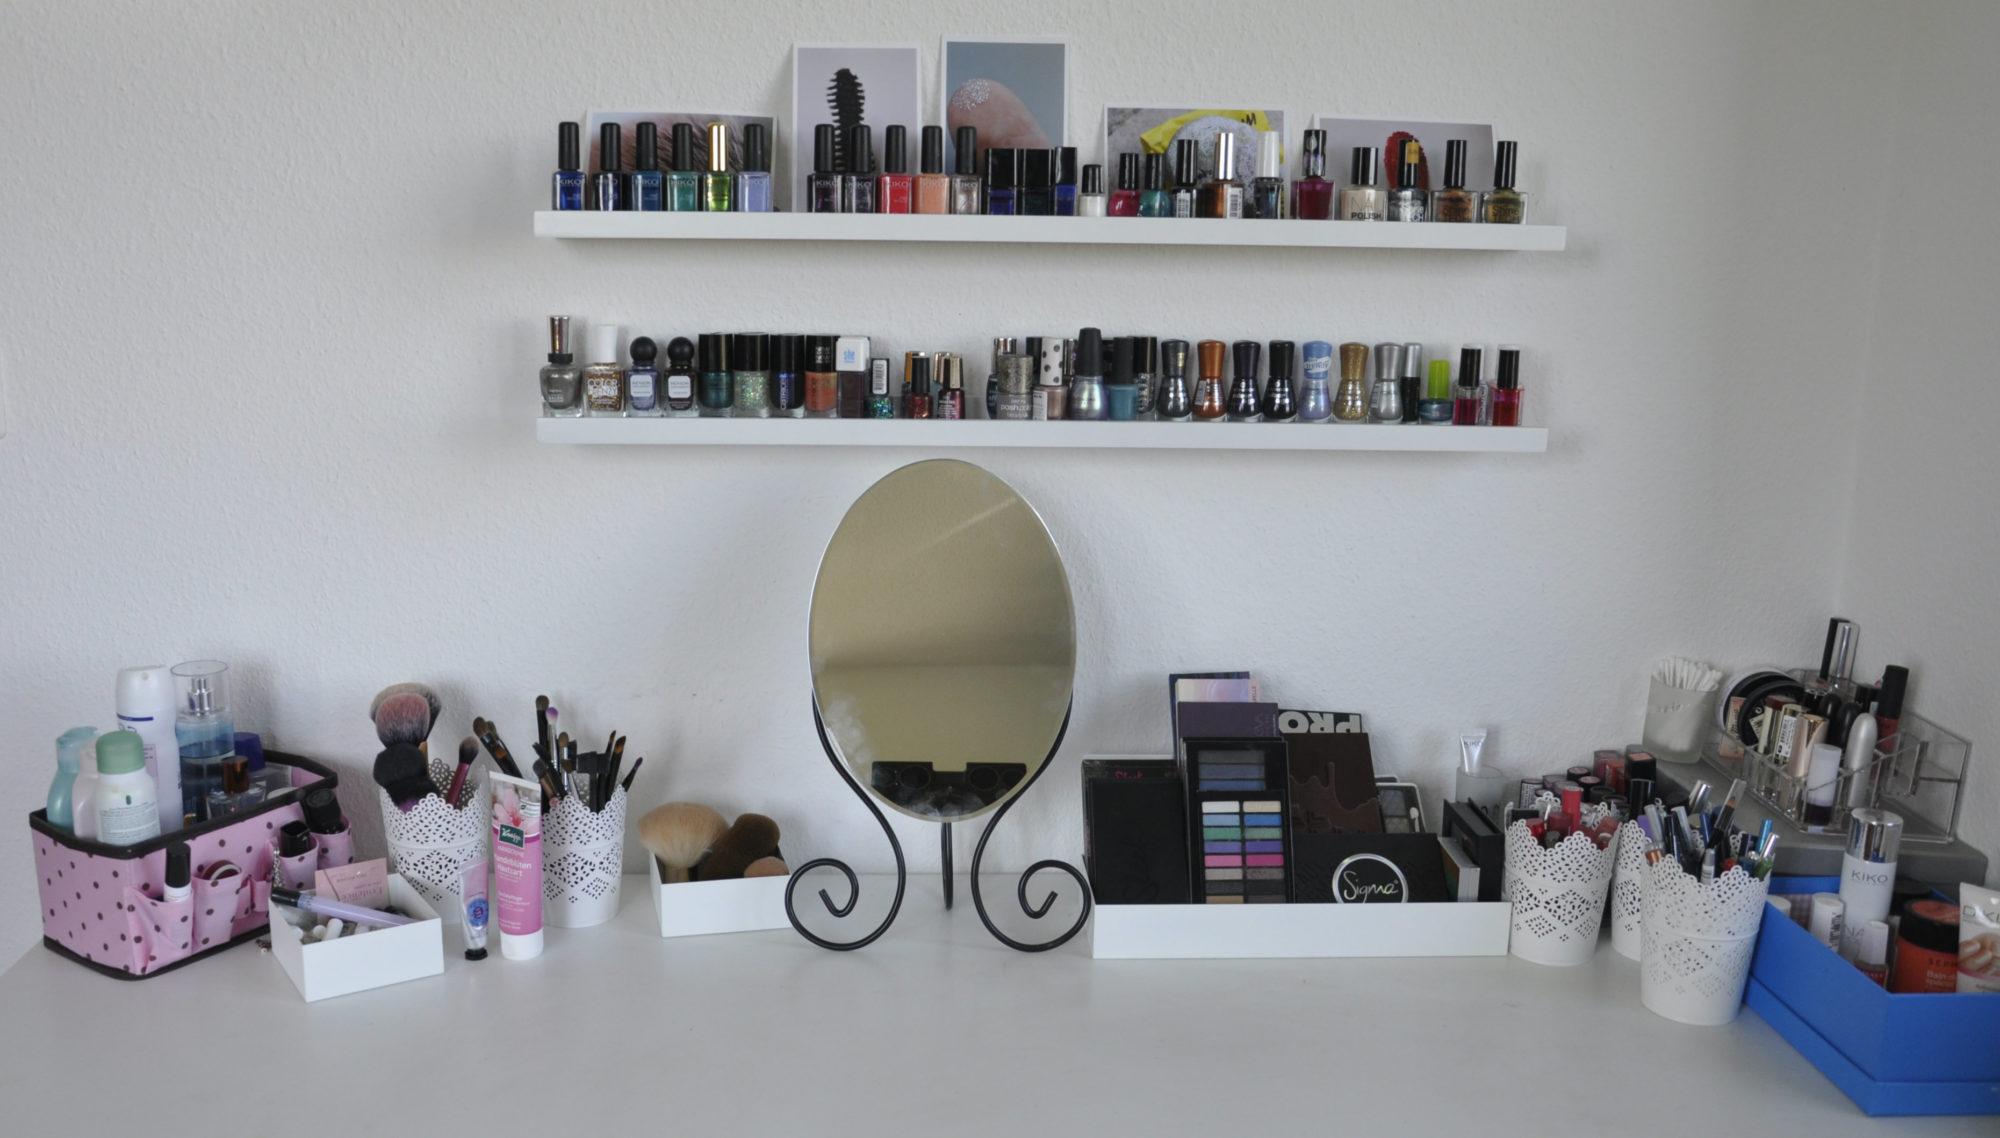 comment je range mon maquillage 2 r glisse myrtilles. Black Bedroom Furniture Sets. Home Design Ideas